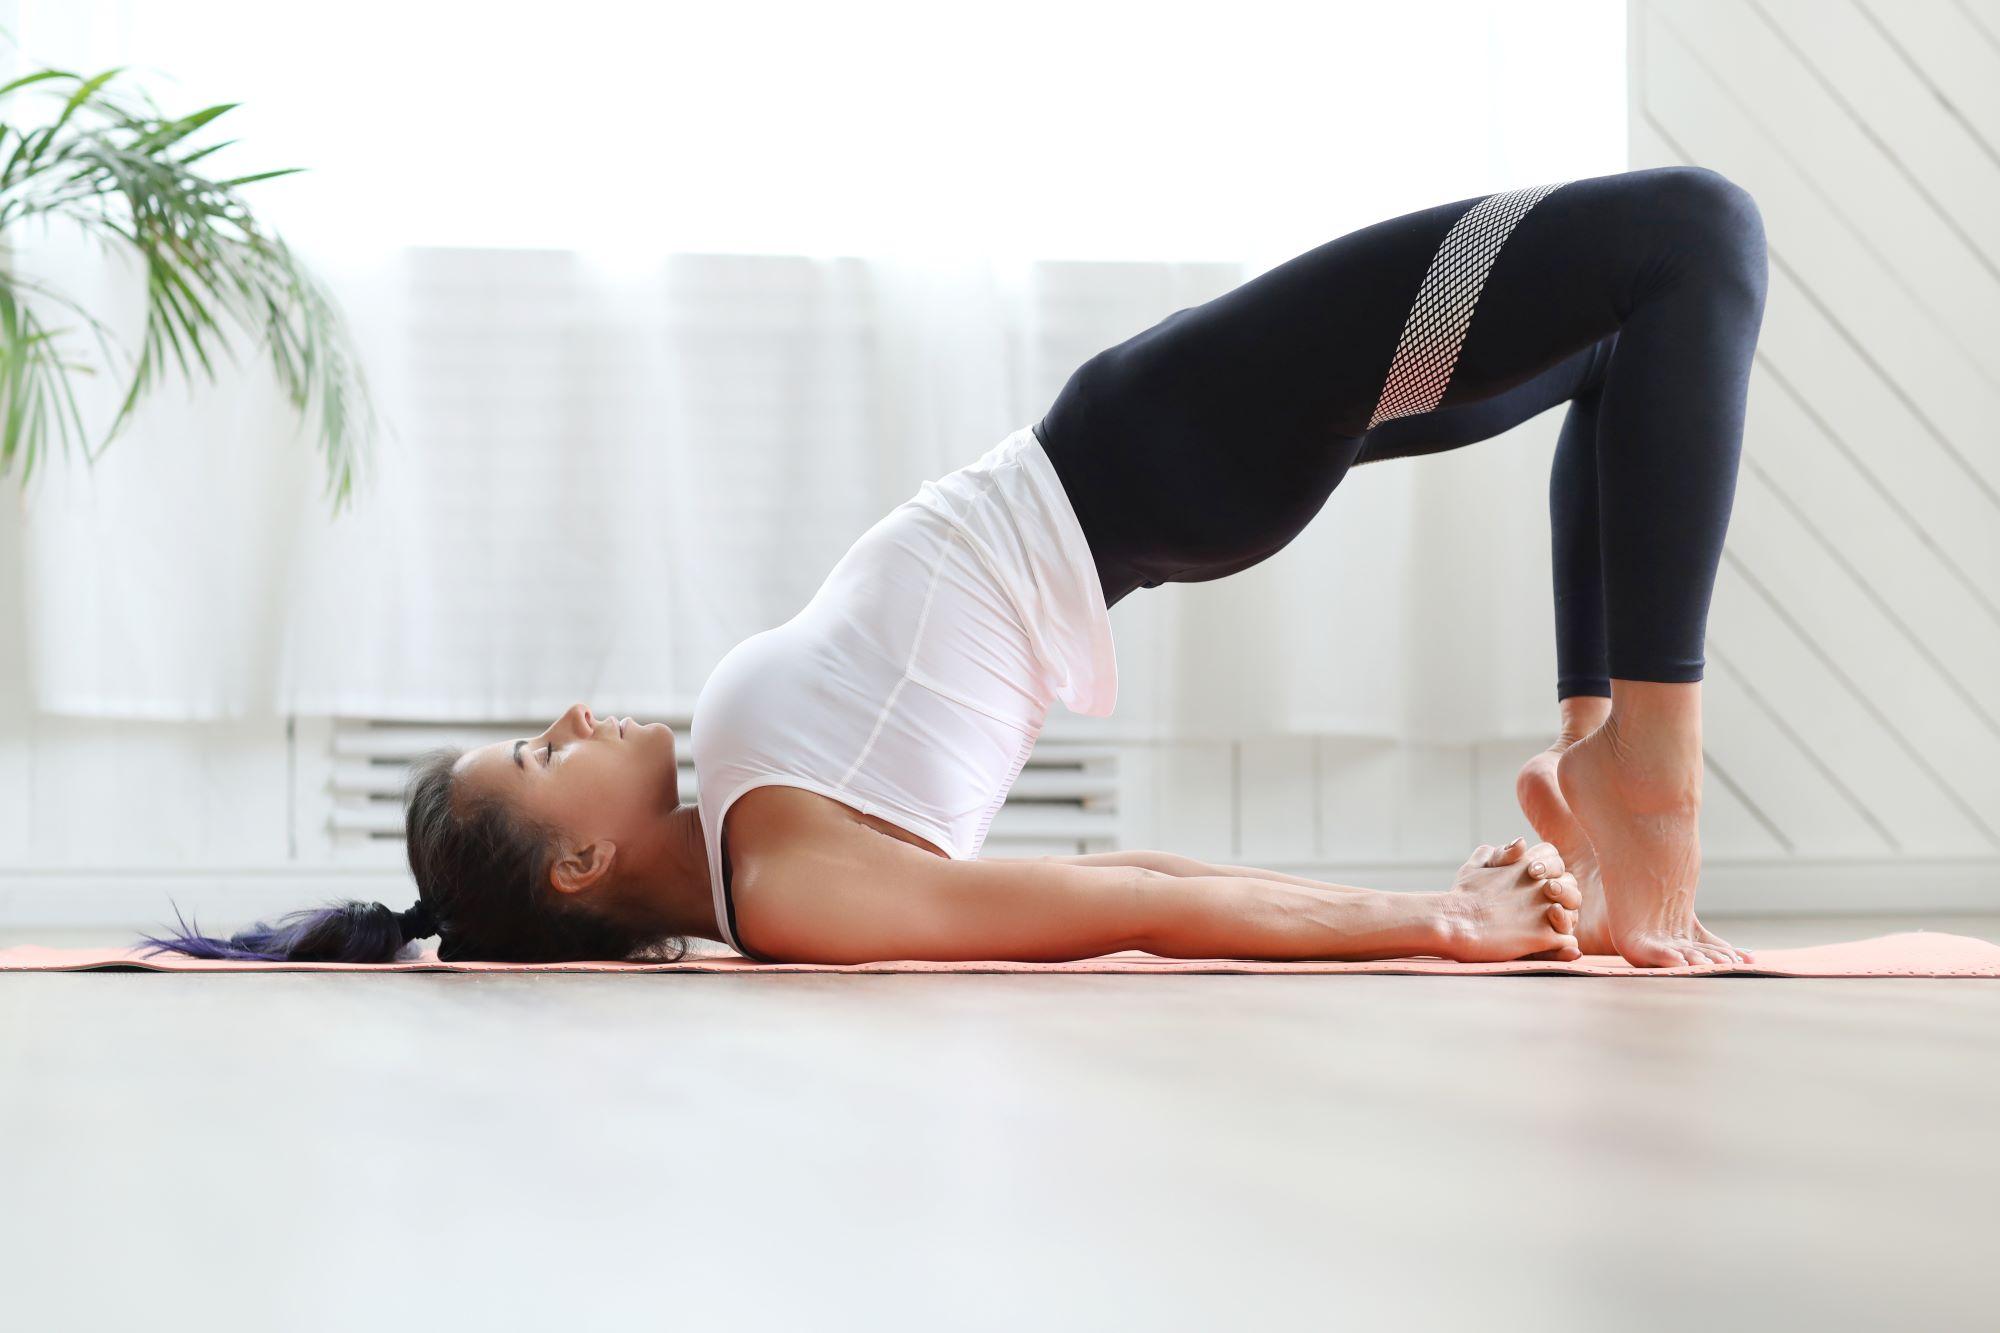 تمارين تقوية عضلات الحوض